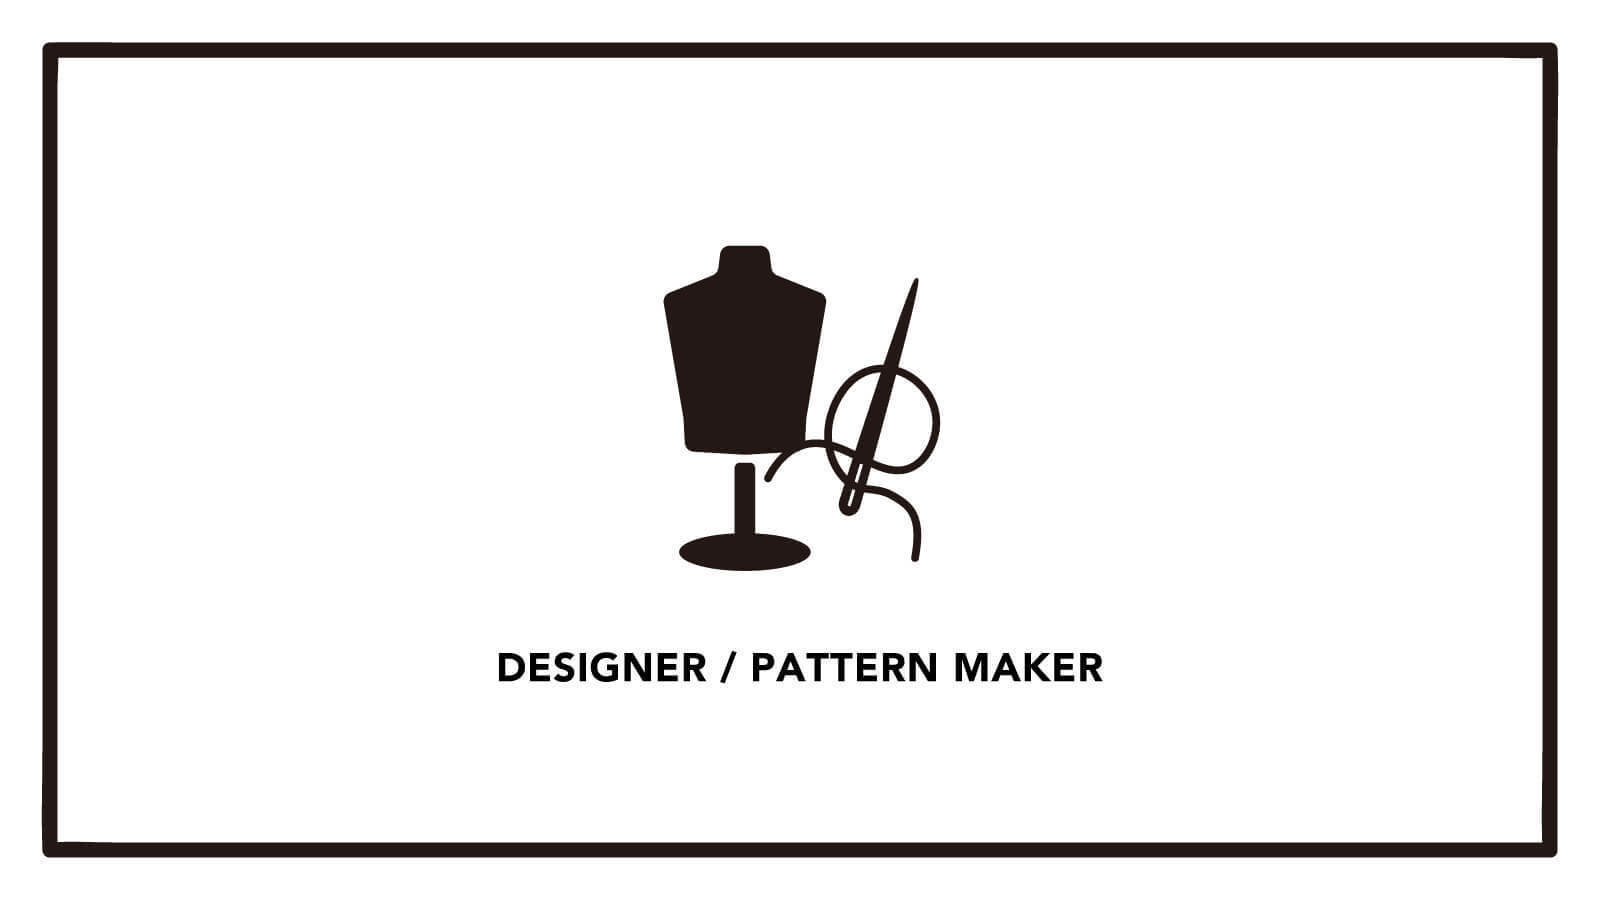 【企画デザイナー】経験者募集!大手グループ企業勤務のカバー写真